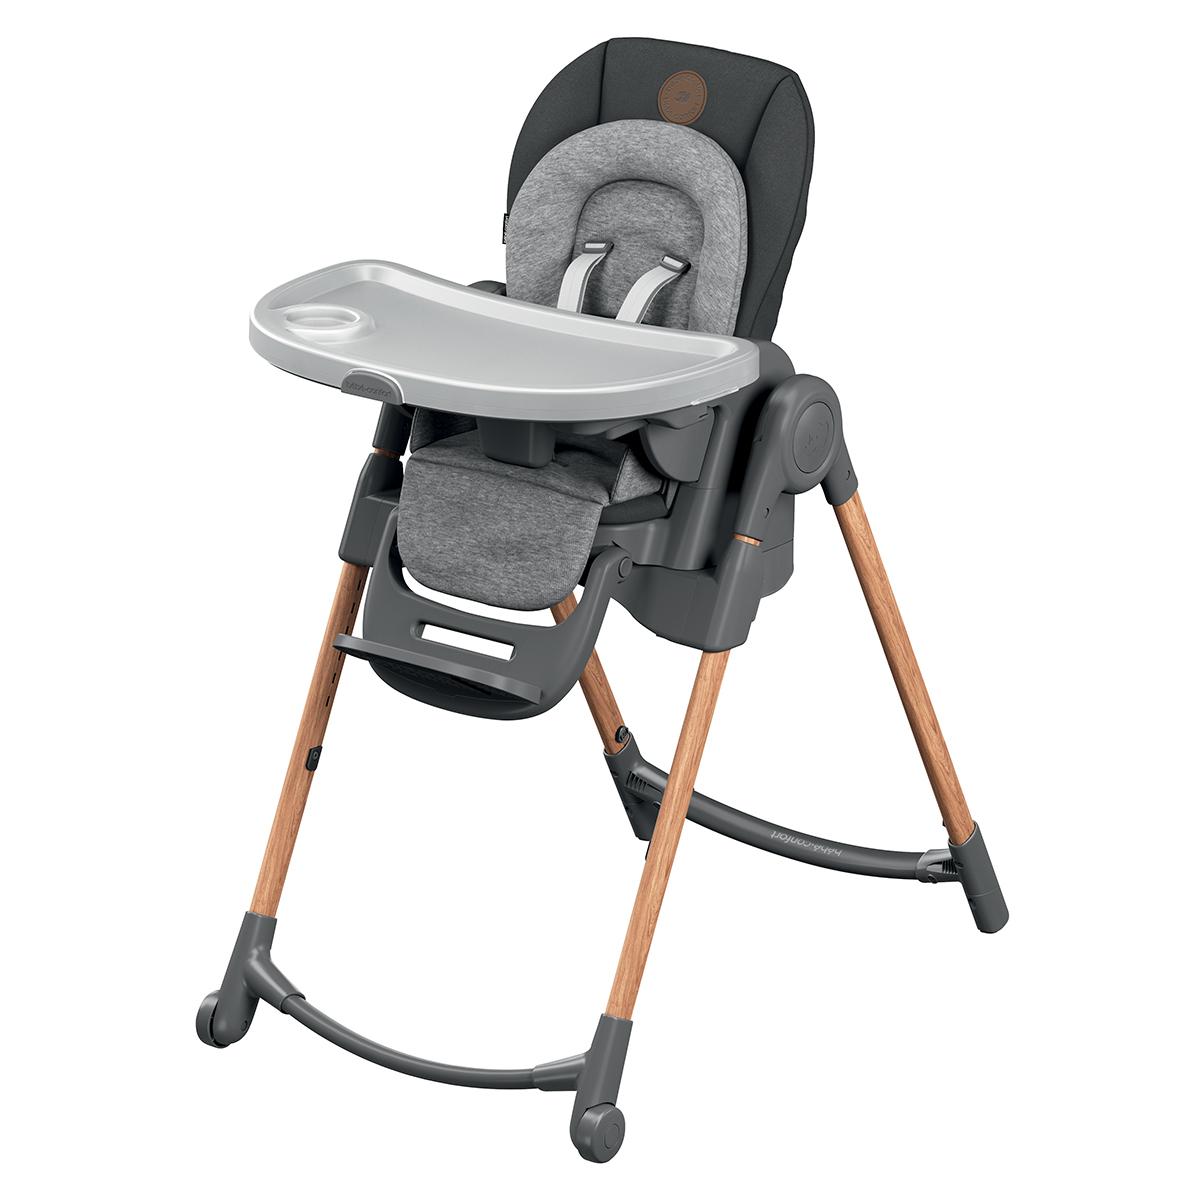 Chaise haute Chaise Haute Minla - Essential Graphite Chaise Haute Minla - Essential Graphite